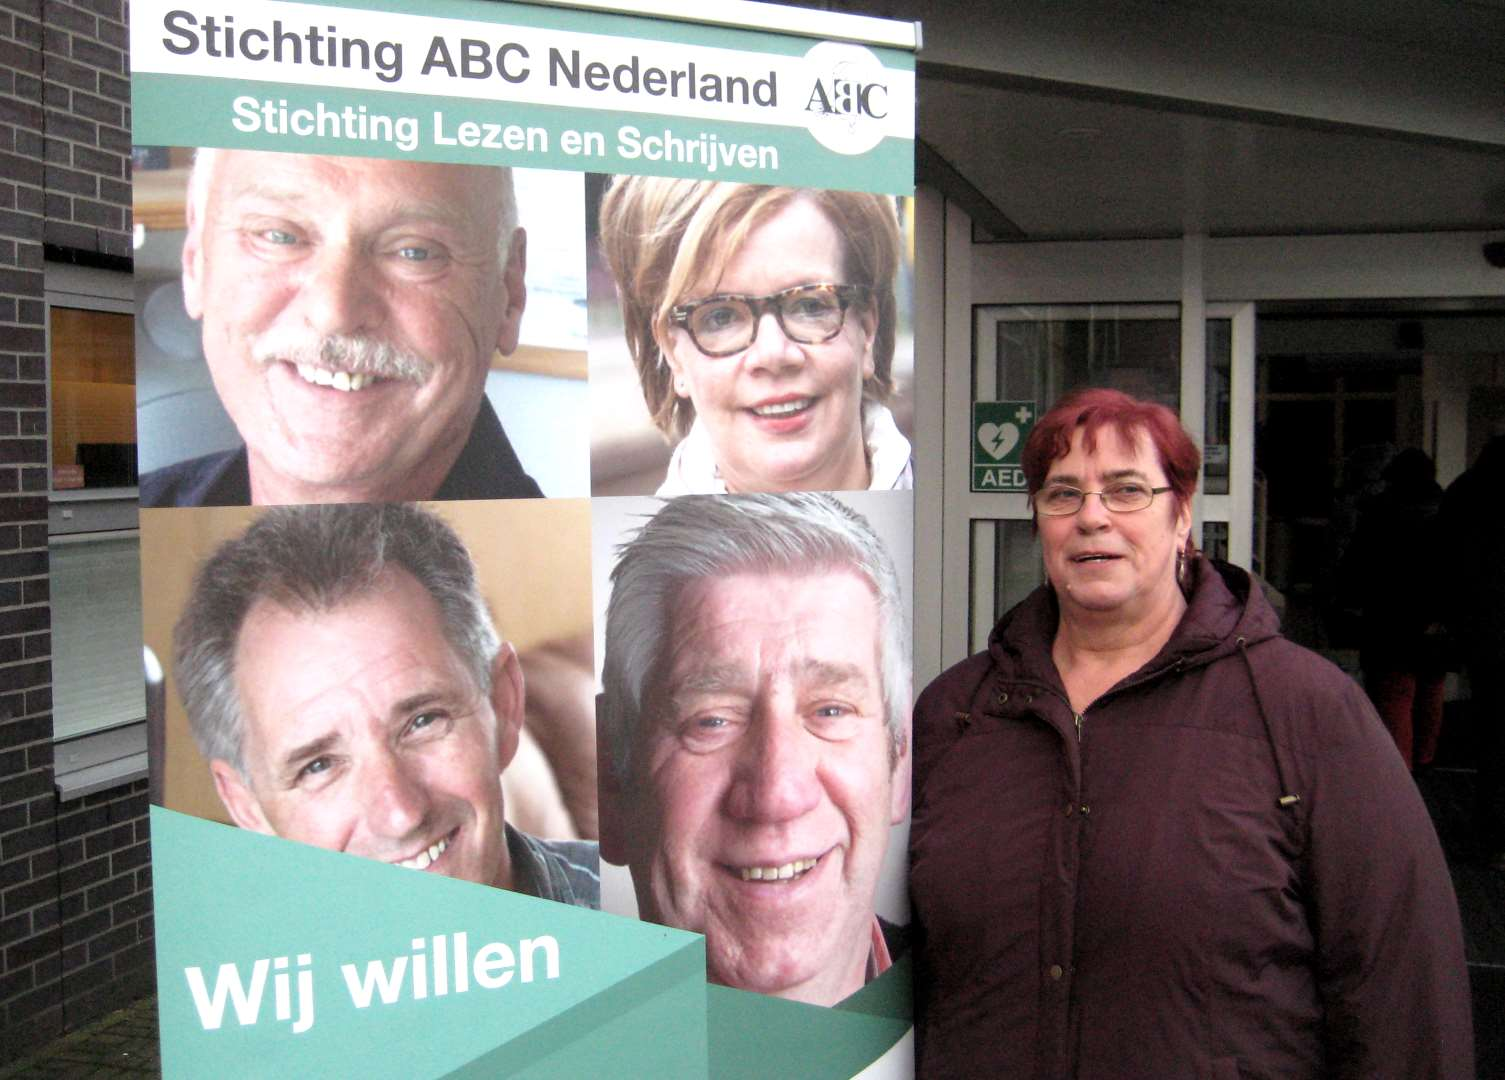 Bärbel Kitzing von der ABC-Selbsthilfegruppe am Eingang zur Fachtagung in Utrecht